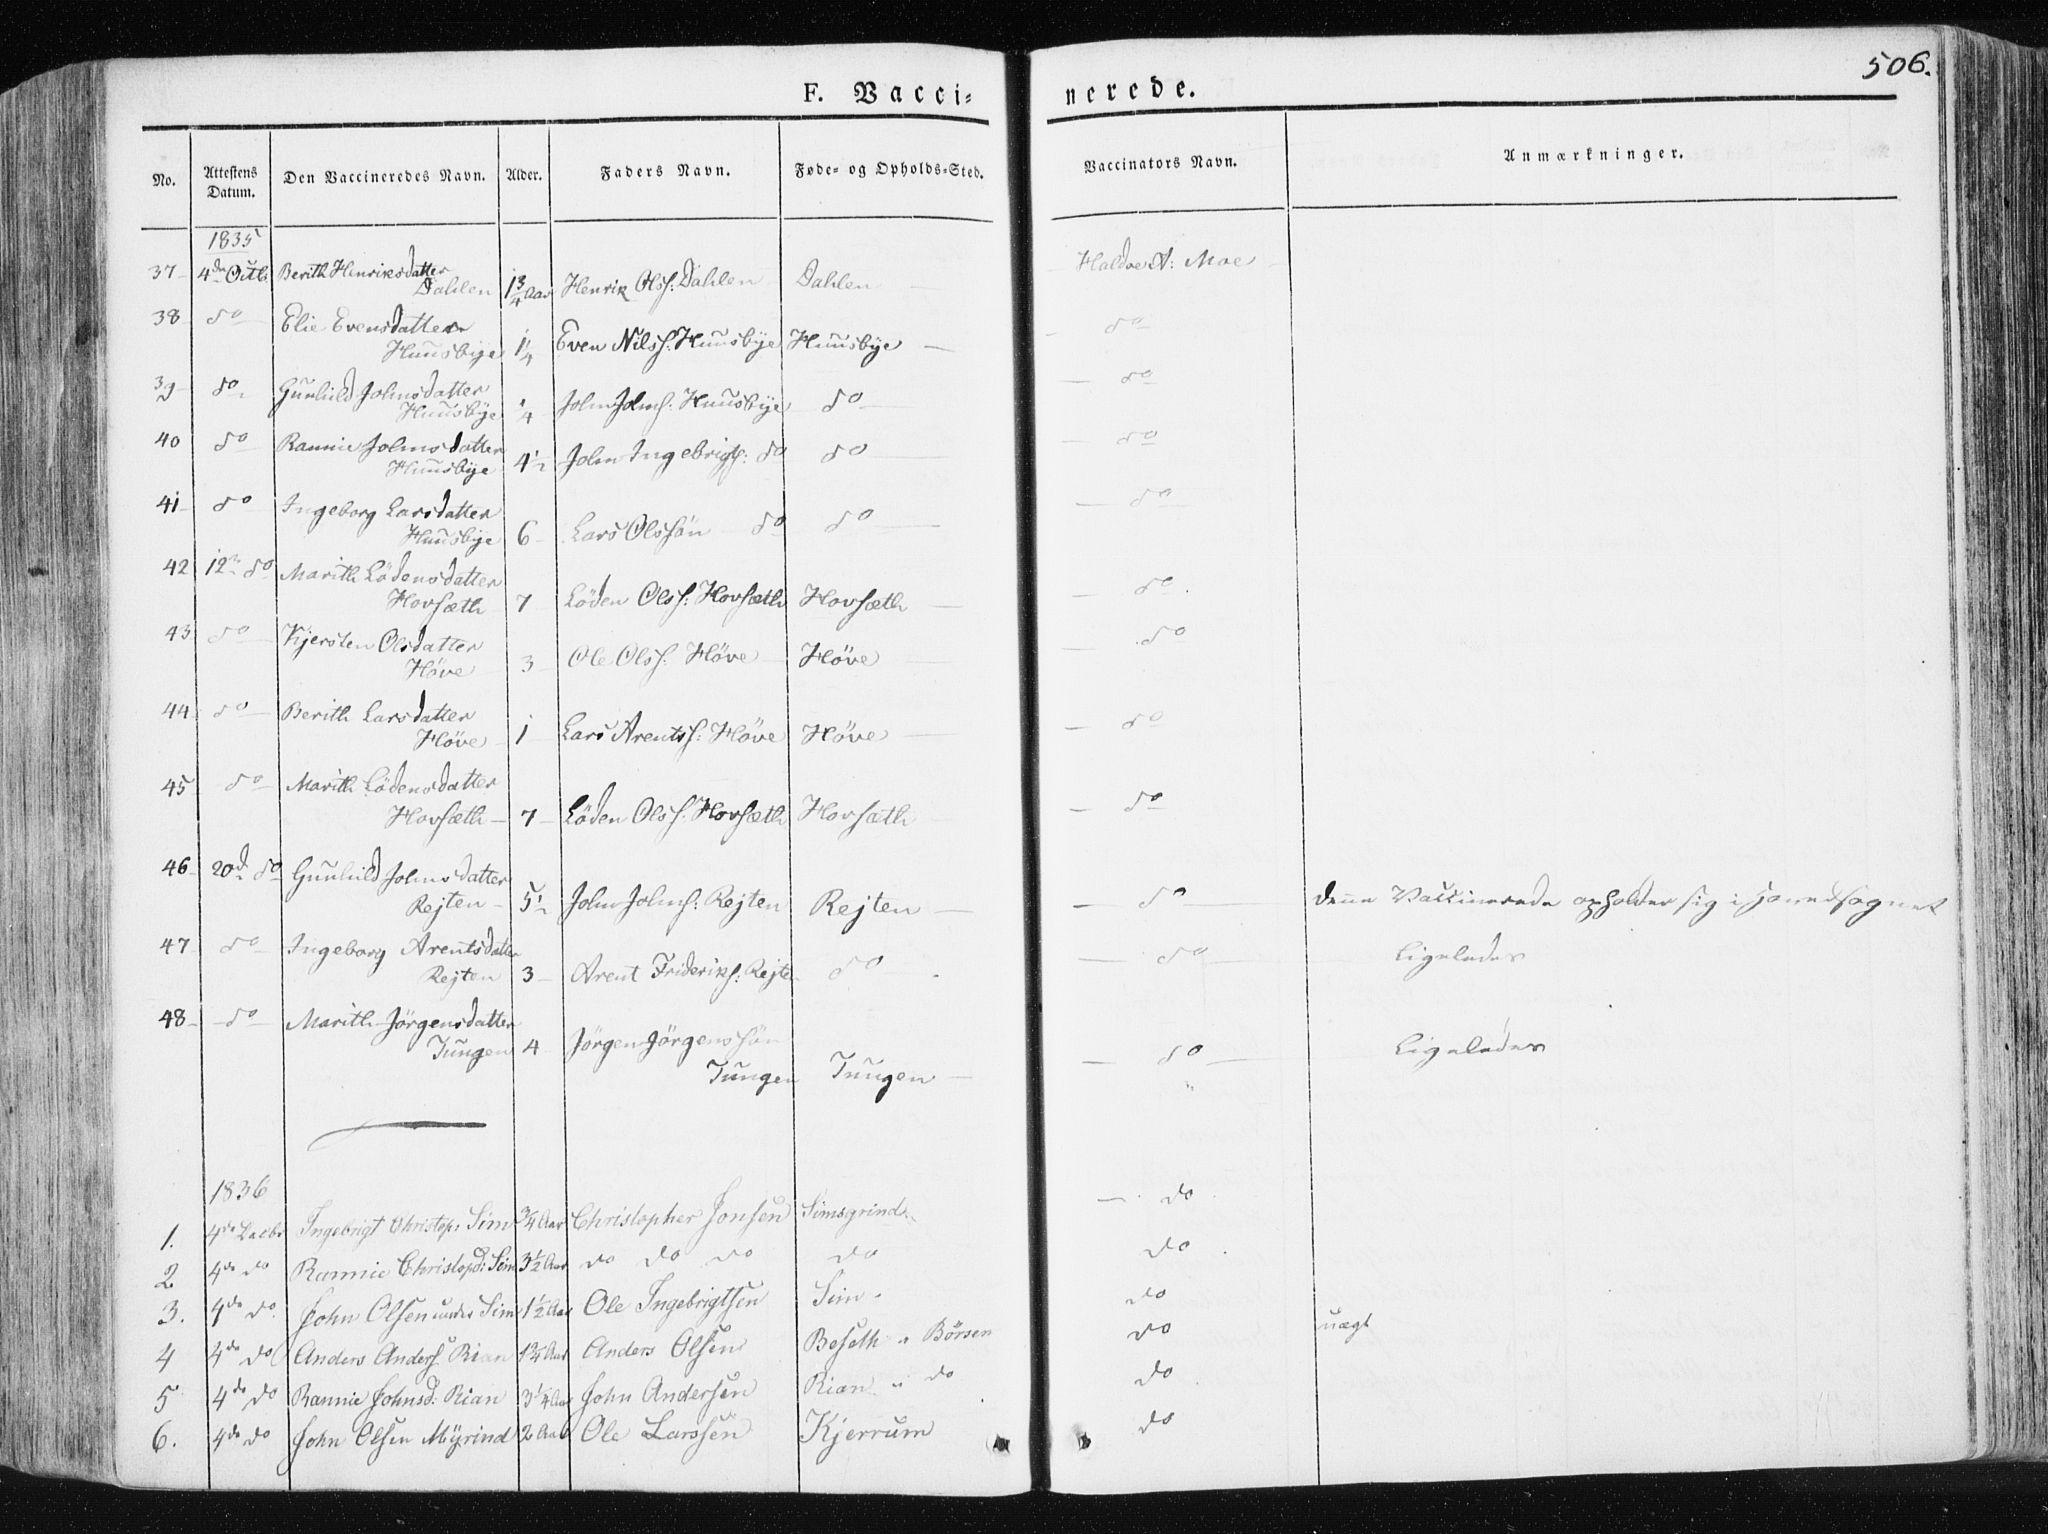 SAT, Ministerialprotokoller, klokkerbøker og fødselsregistre - Sør-Trøndelag, 665/L0771: Ministerialbok nr. 665A06, 1830-1856, s. 506